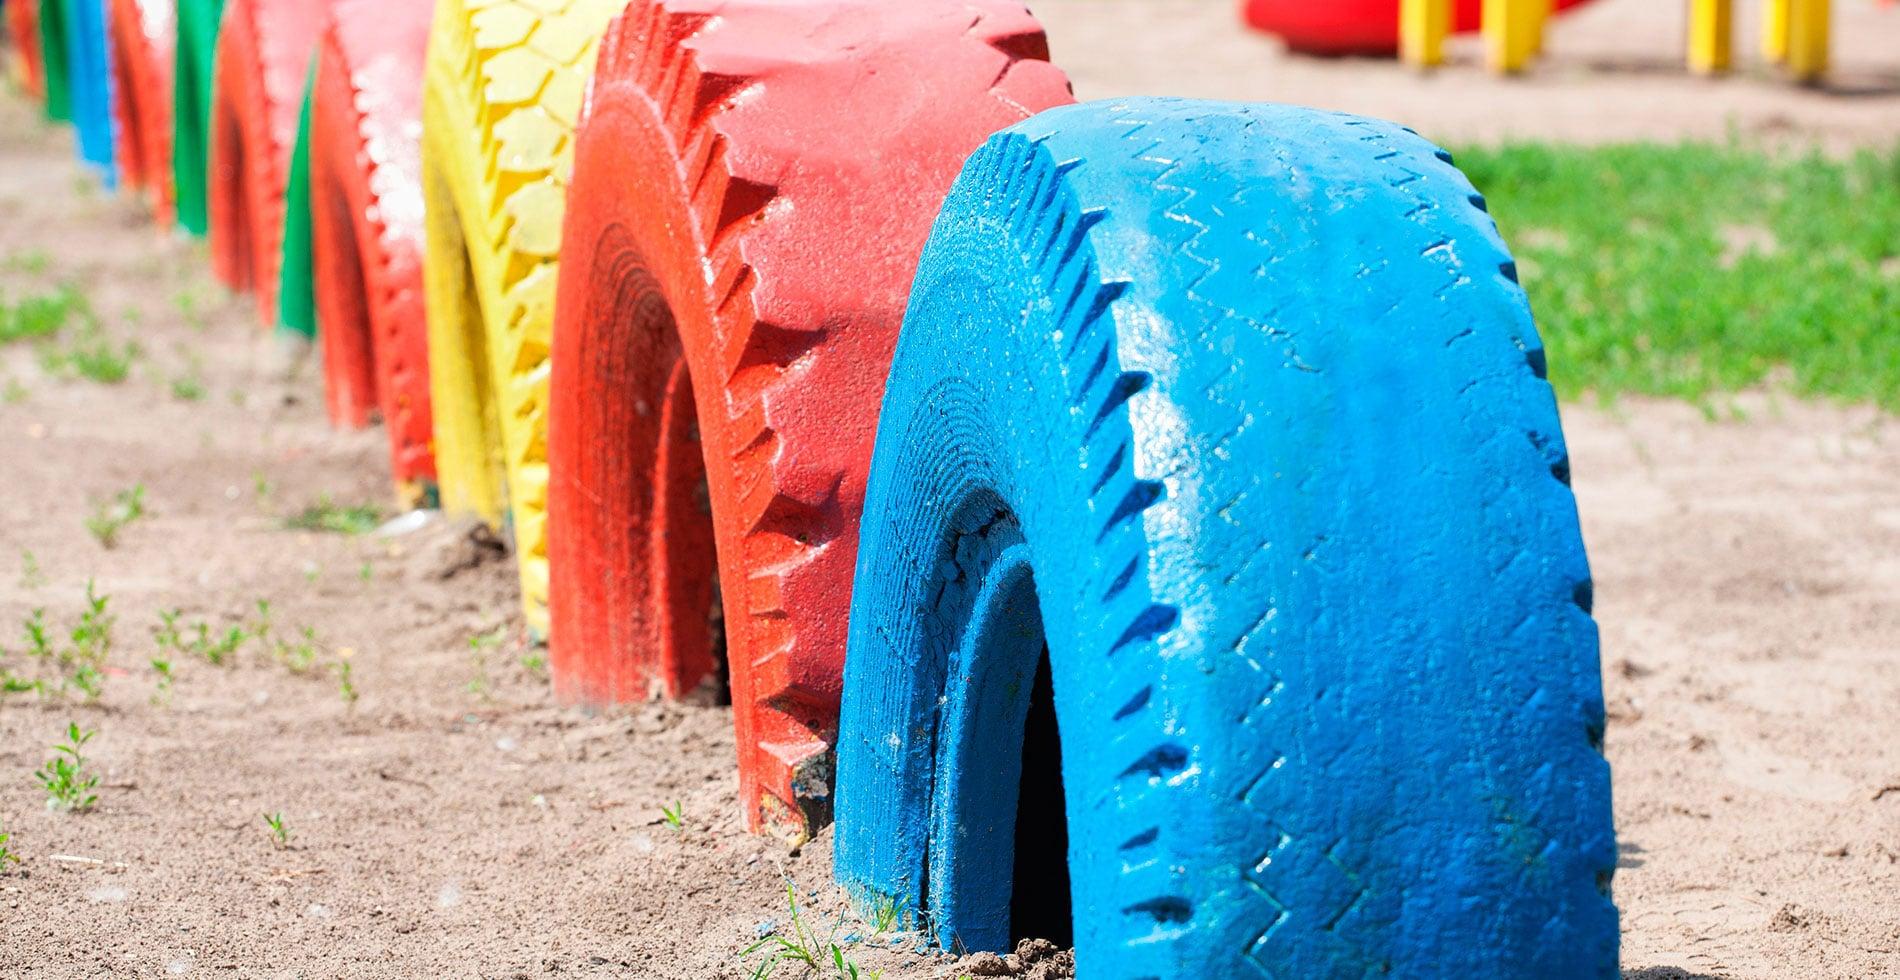 Economía circular, un cambio hacia la sostenibilidad